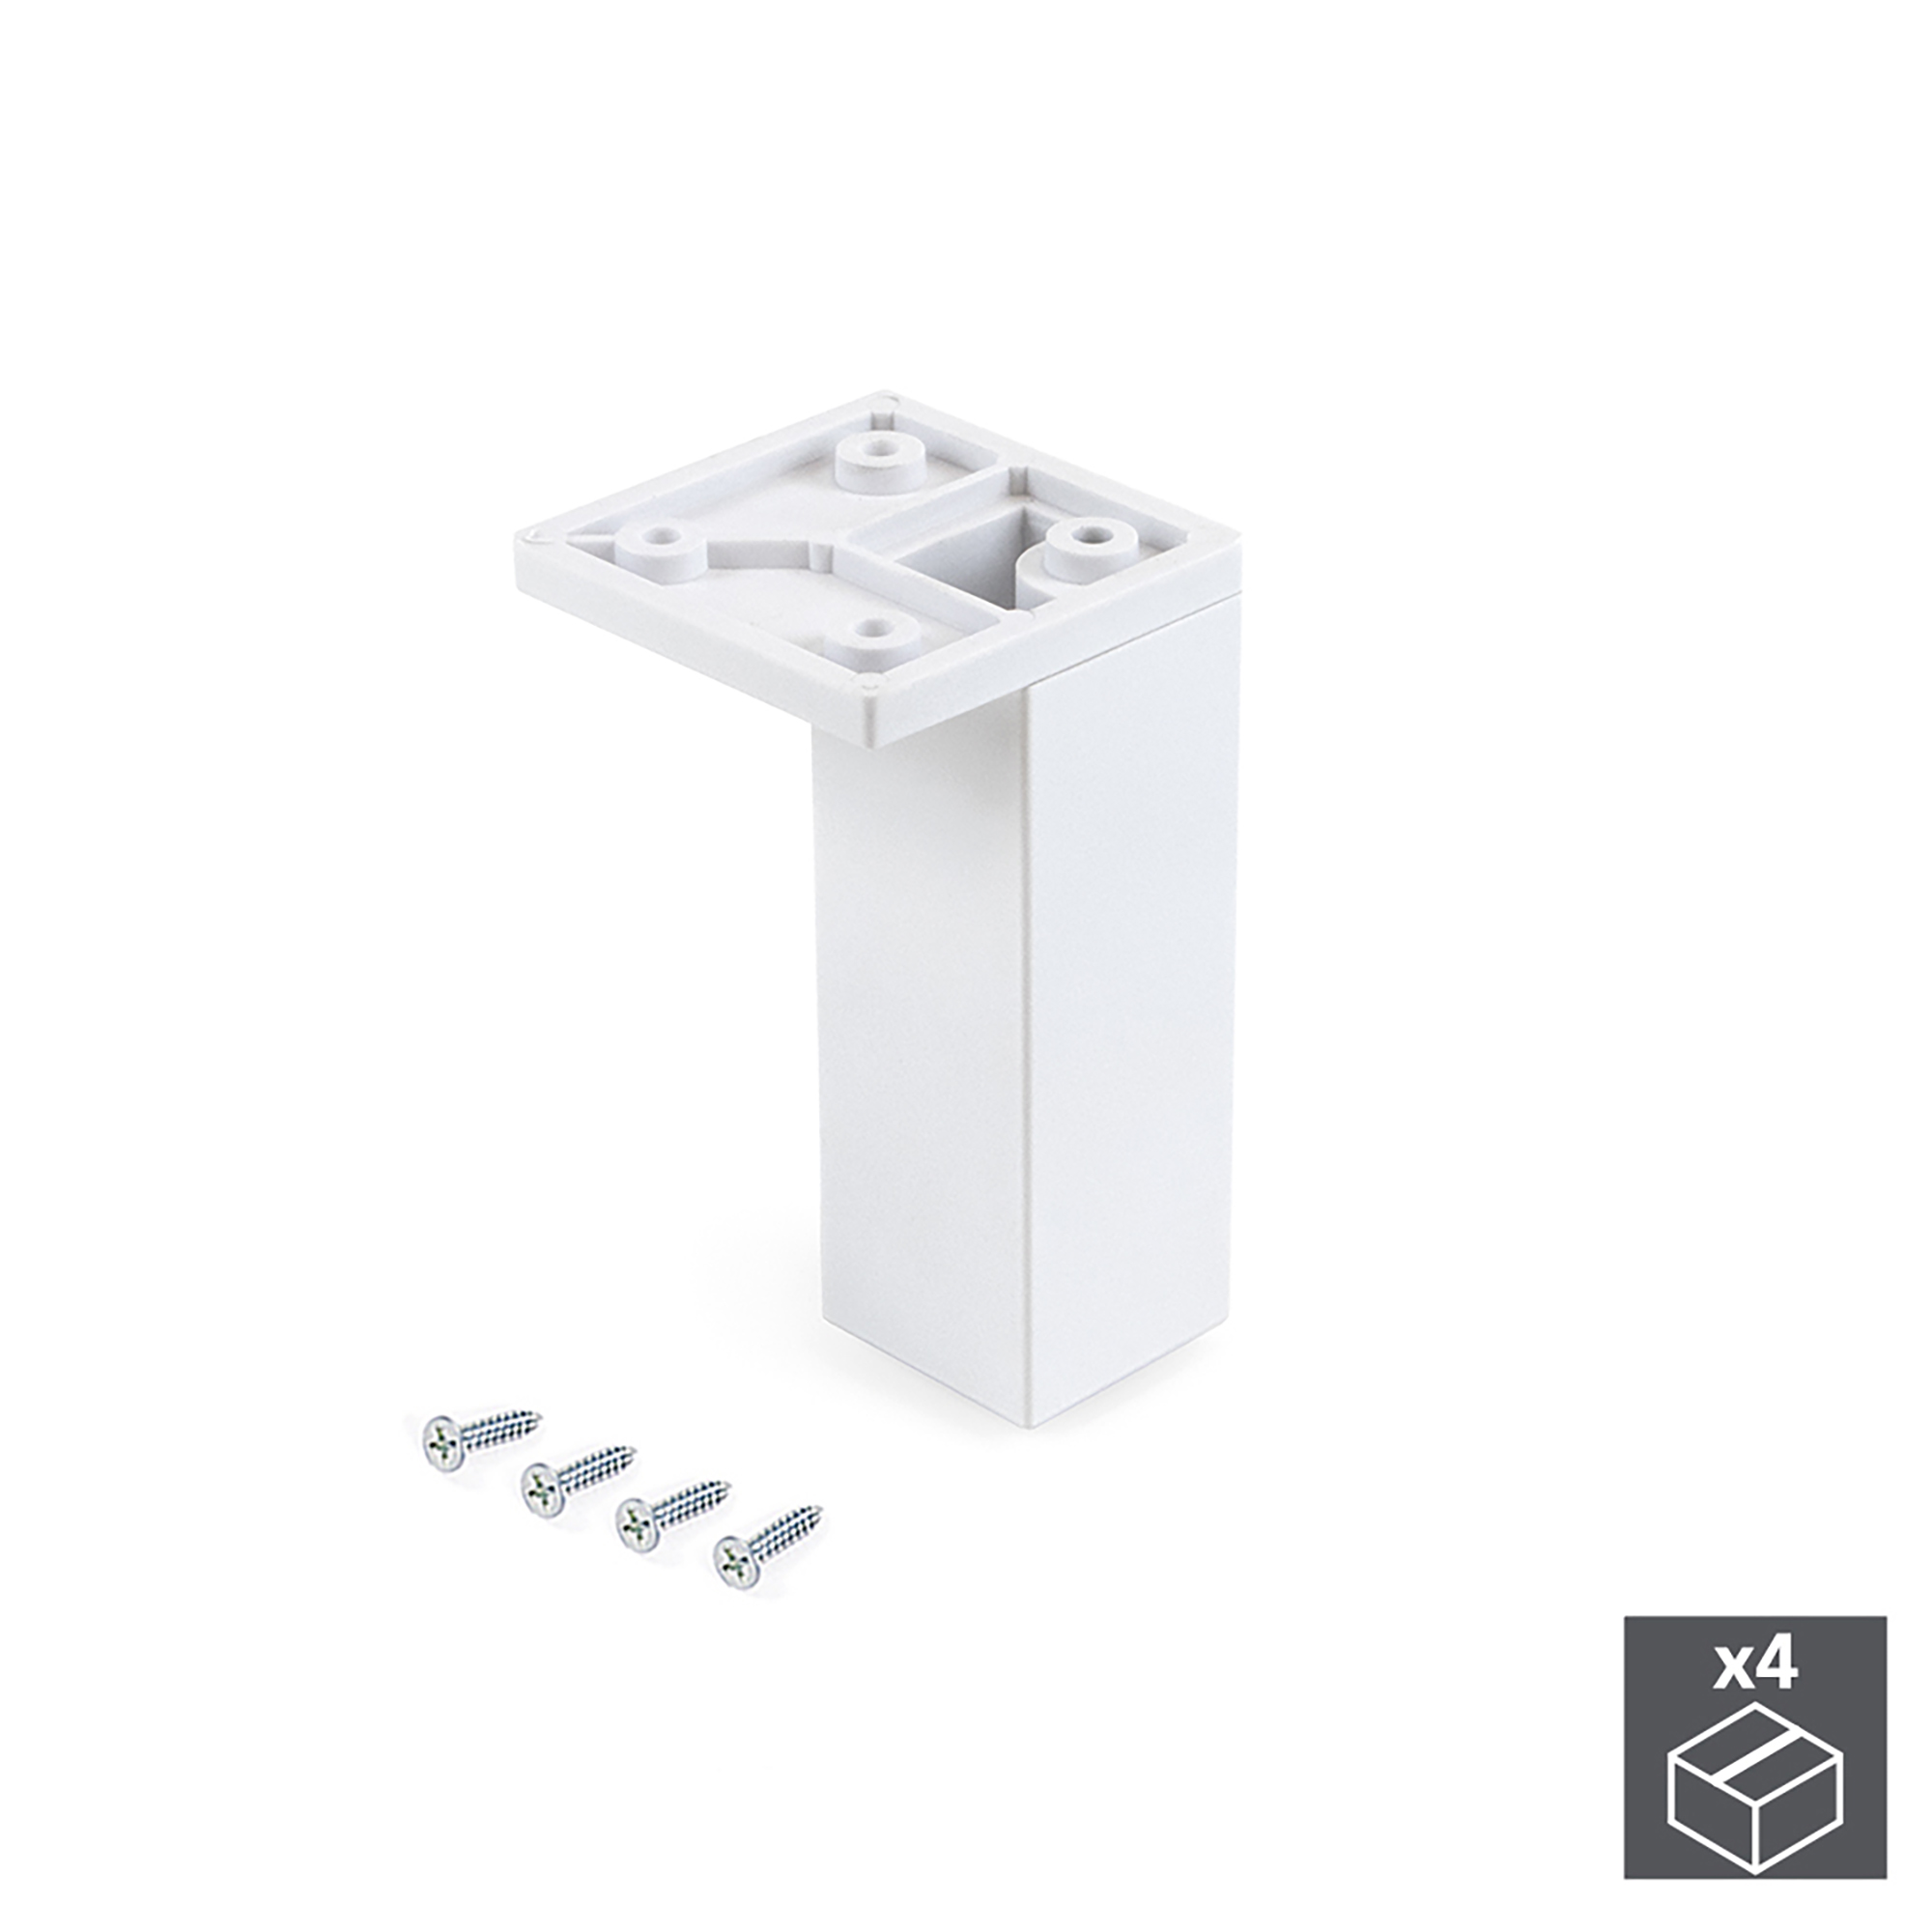 Emuca Piedino per mobile, angolo, regolabile, 100 - 110 mm, Plastica, Bianco, 4 un.